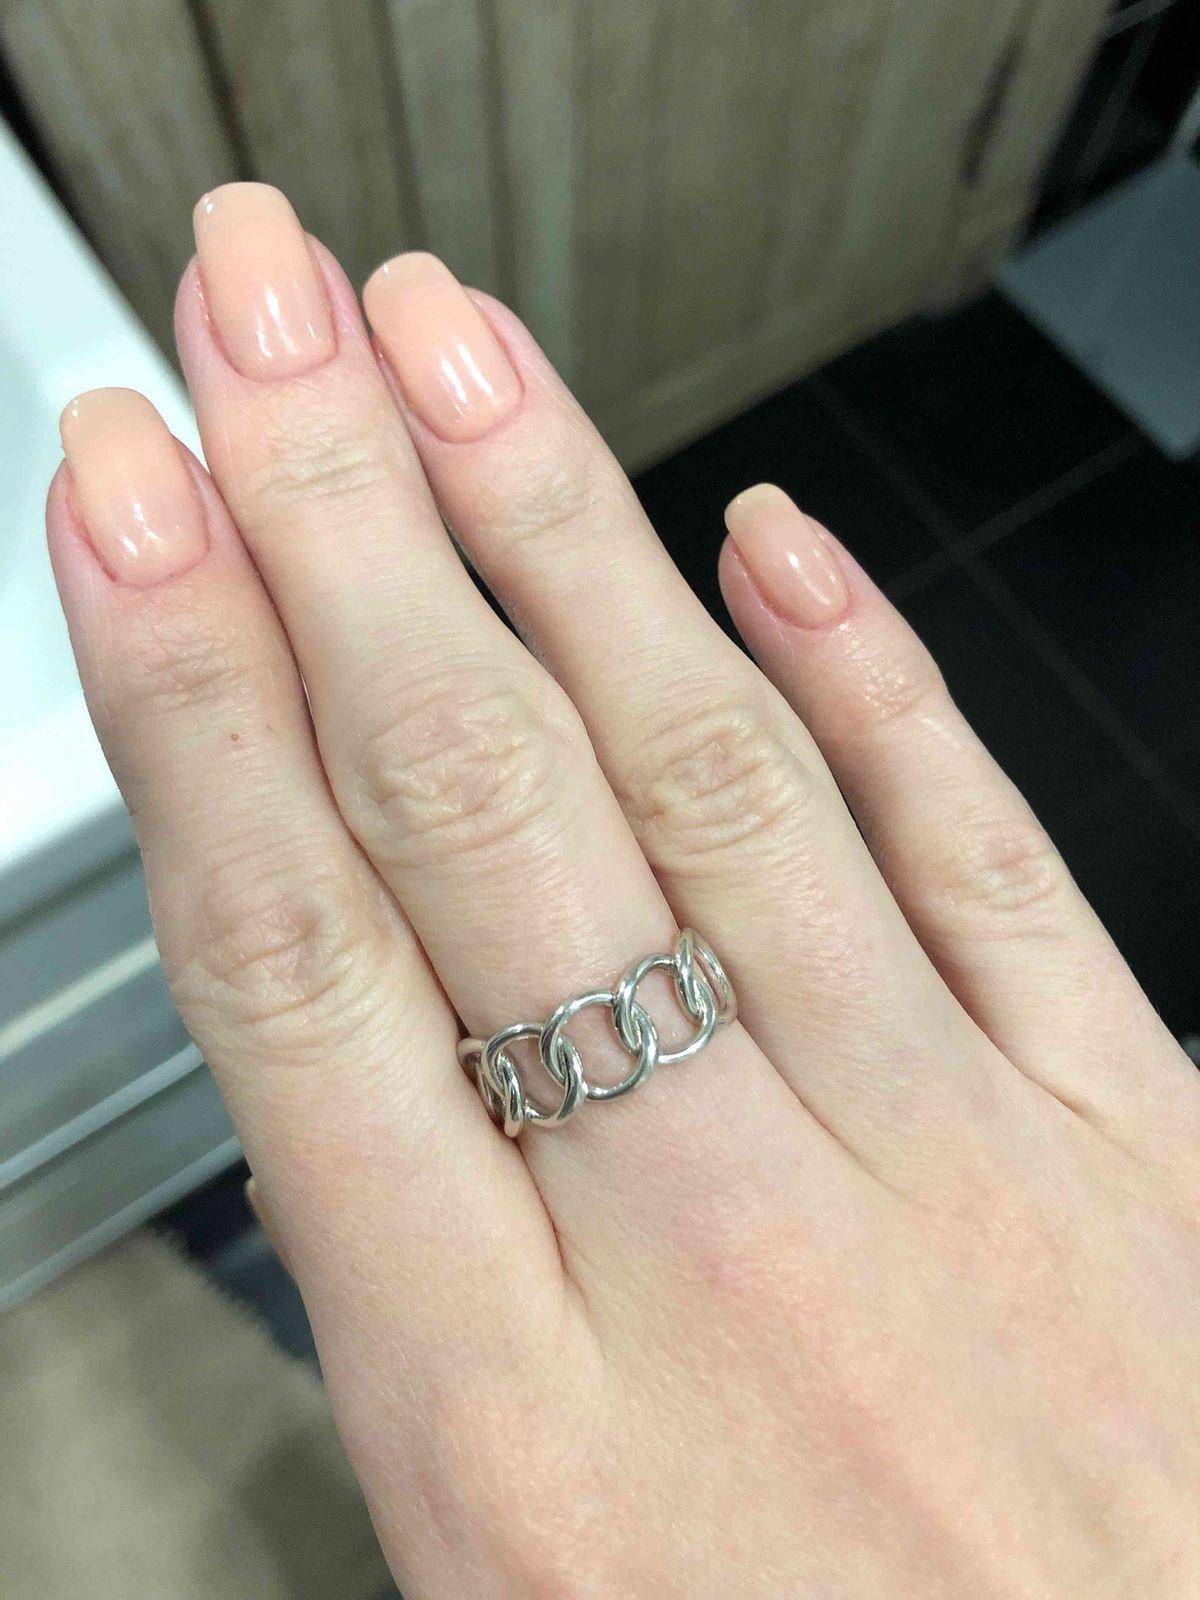 Красивое кольцо, ничего лишнего